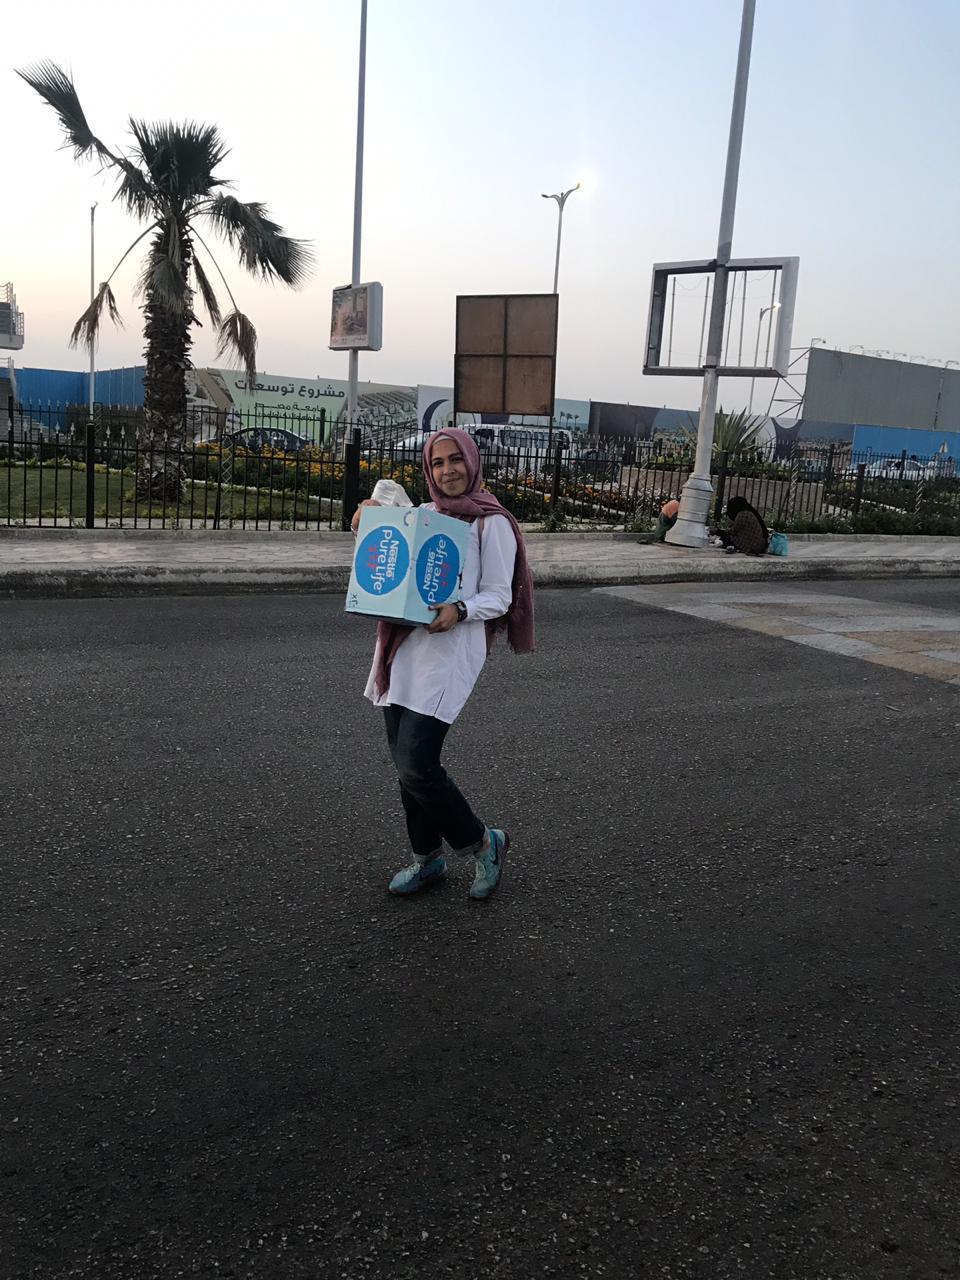 حملة إفطار صائم على الطريق (2)